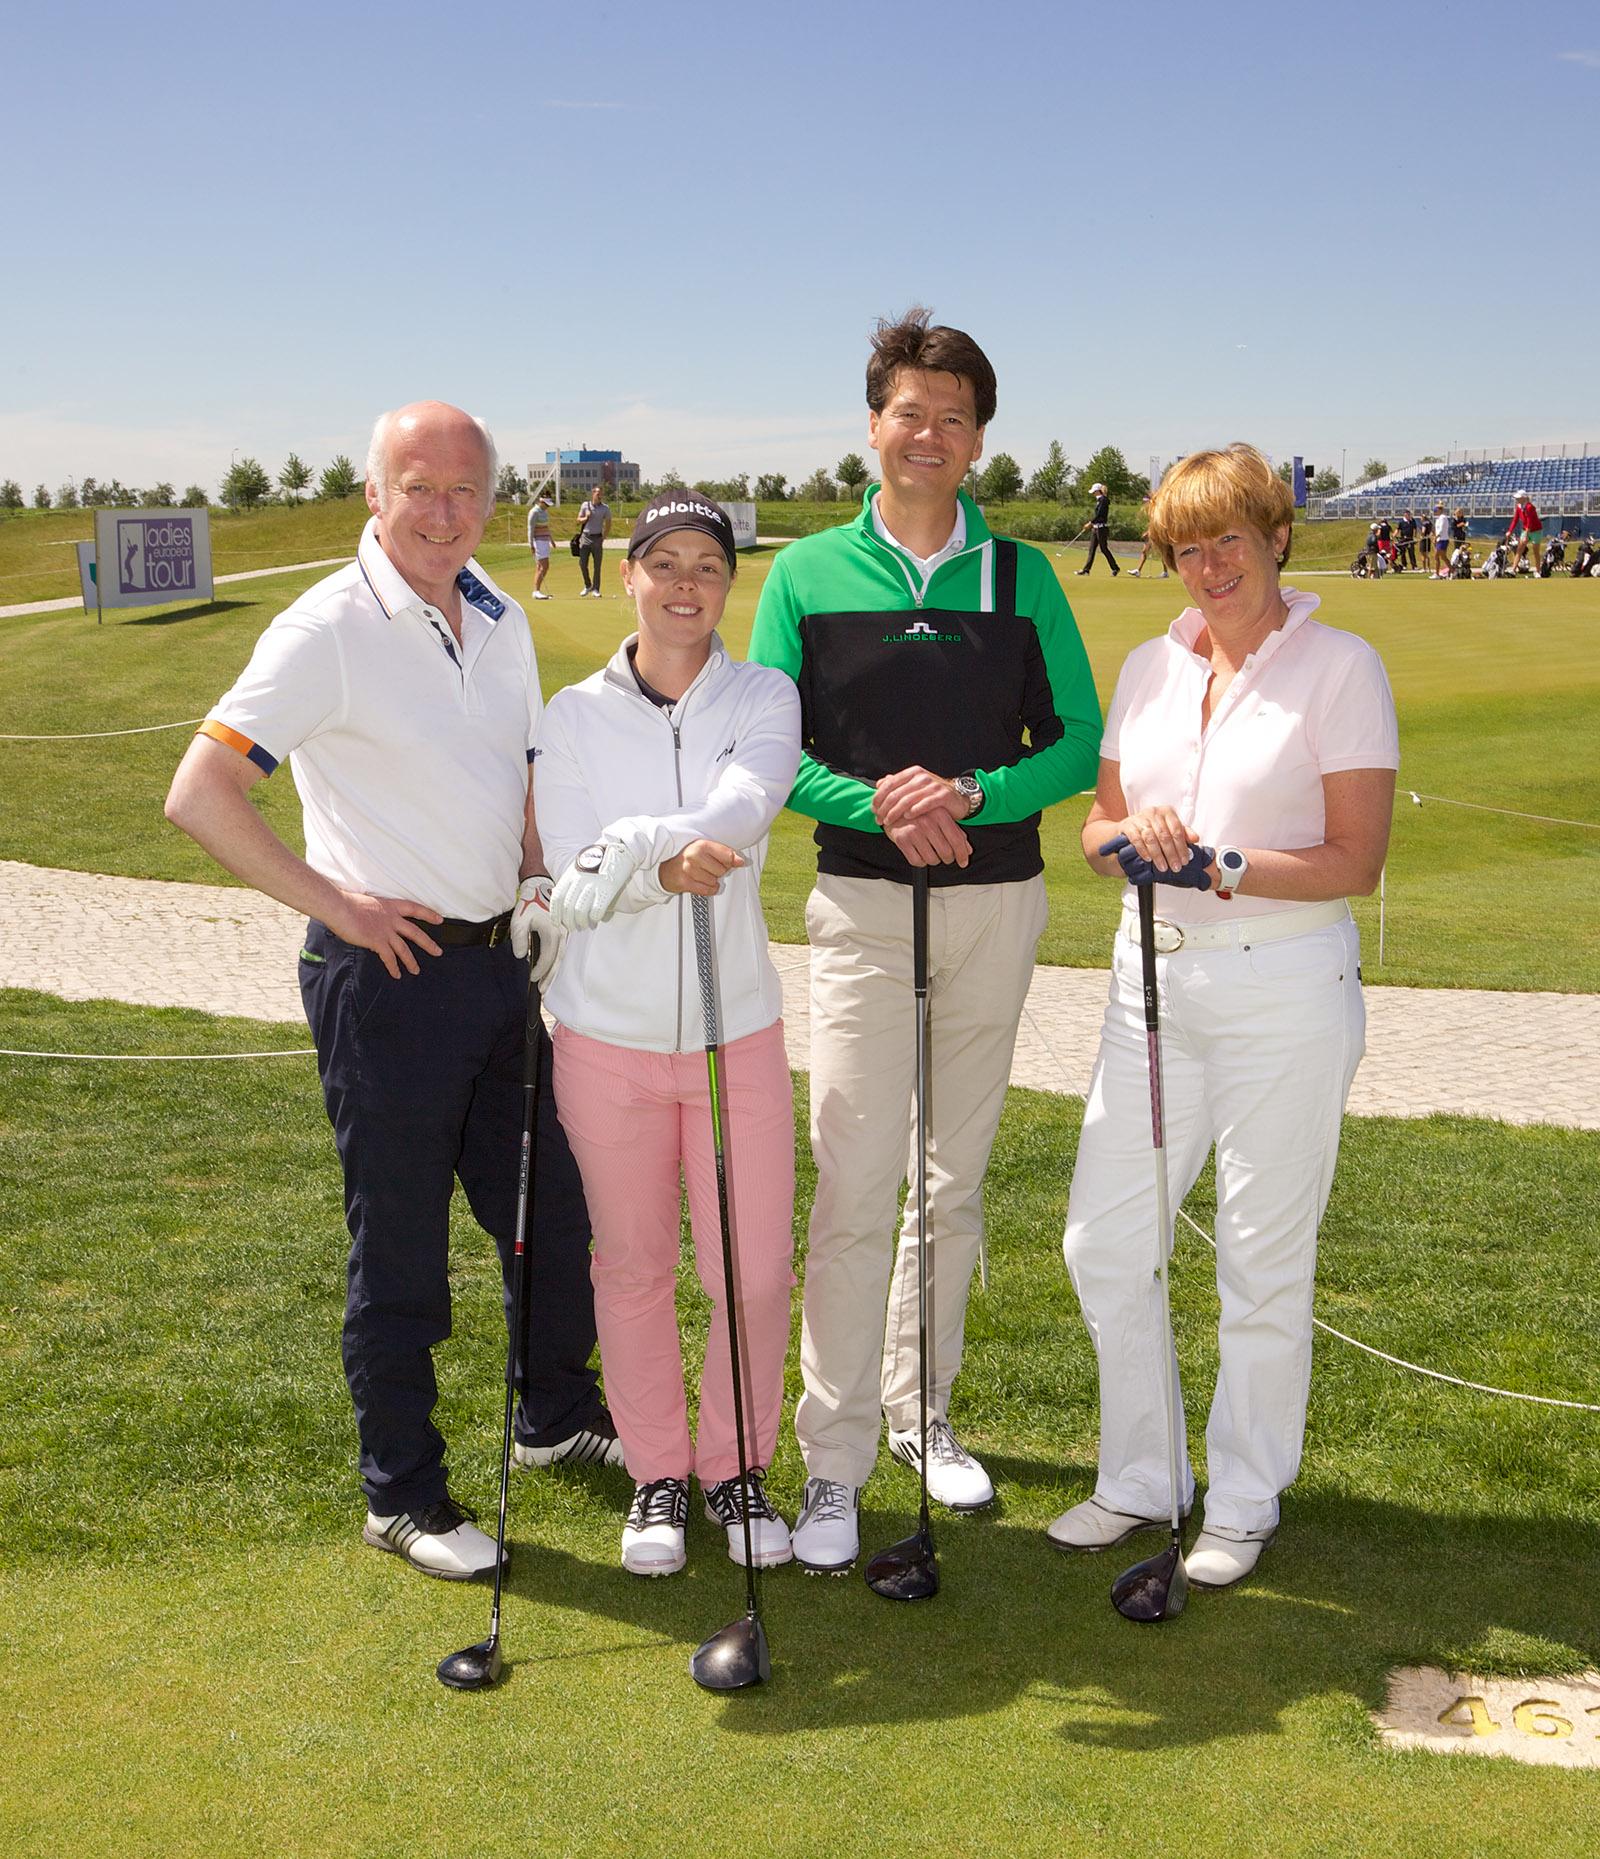 foto van vier golfers op golfbaan in de zon